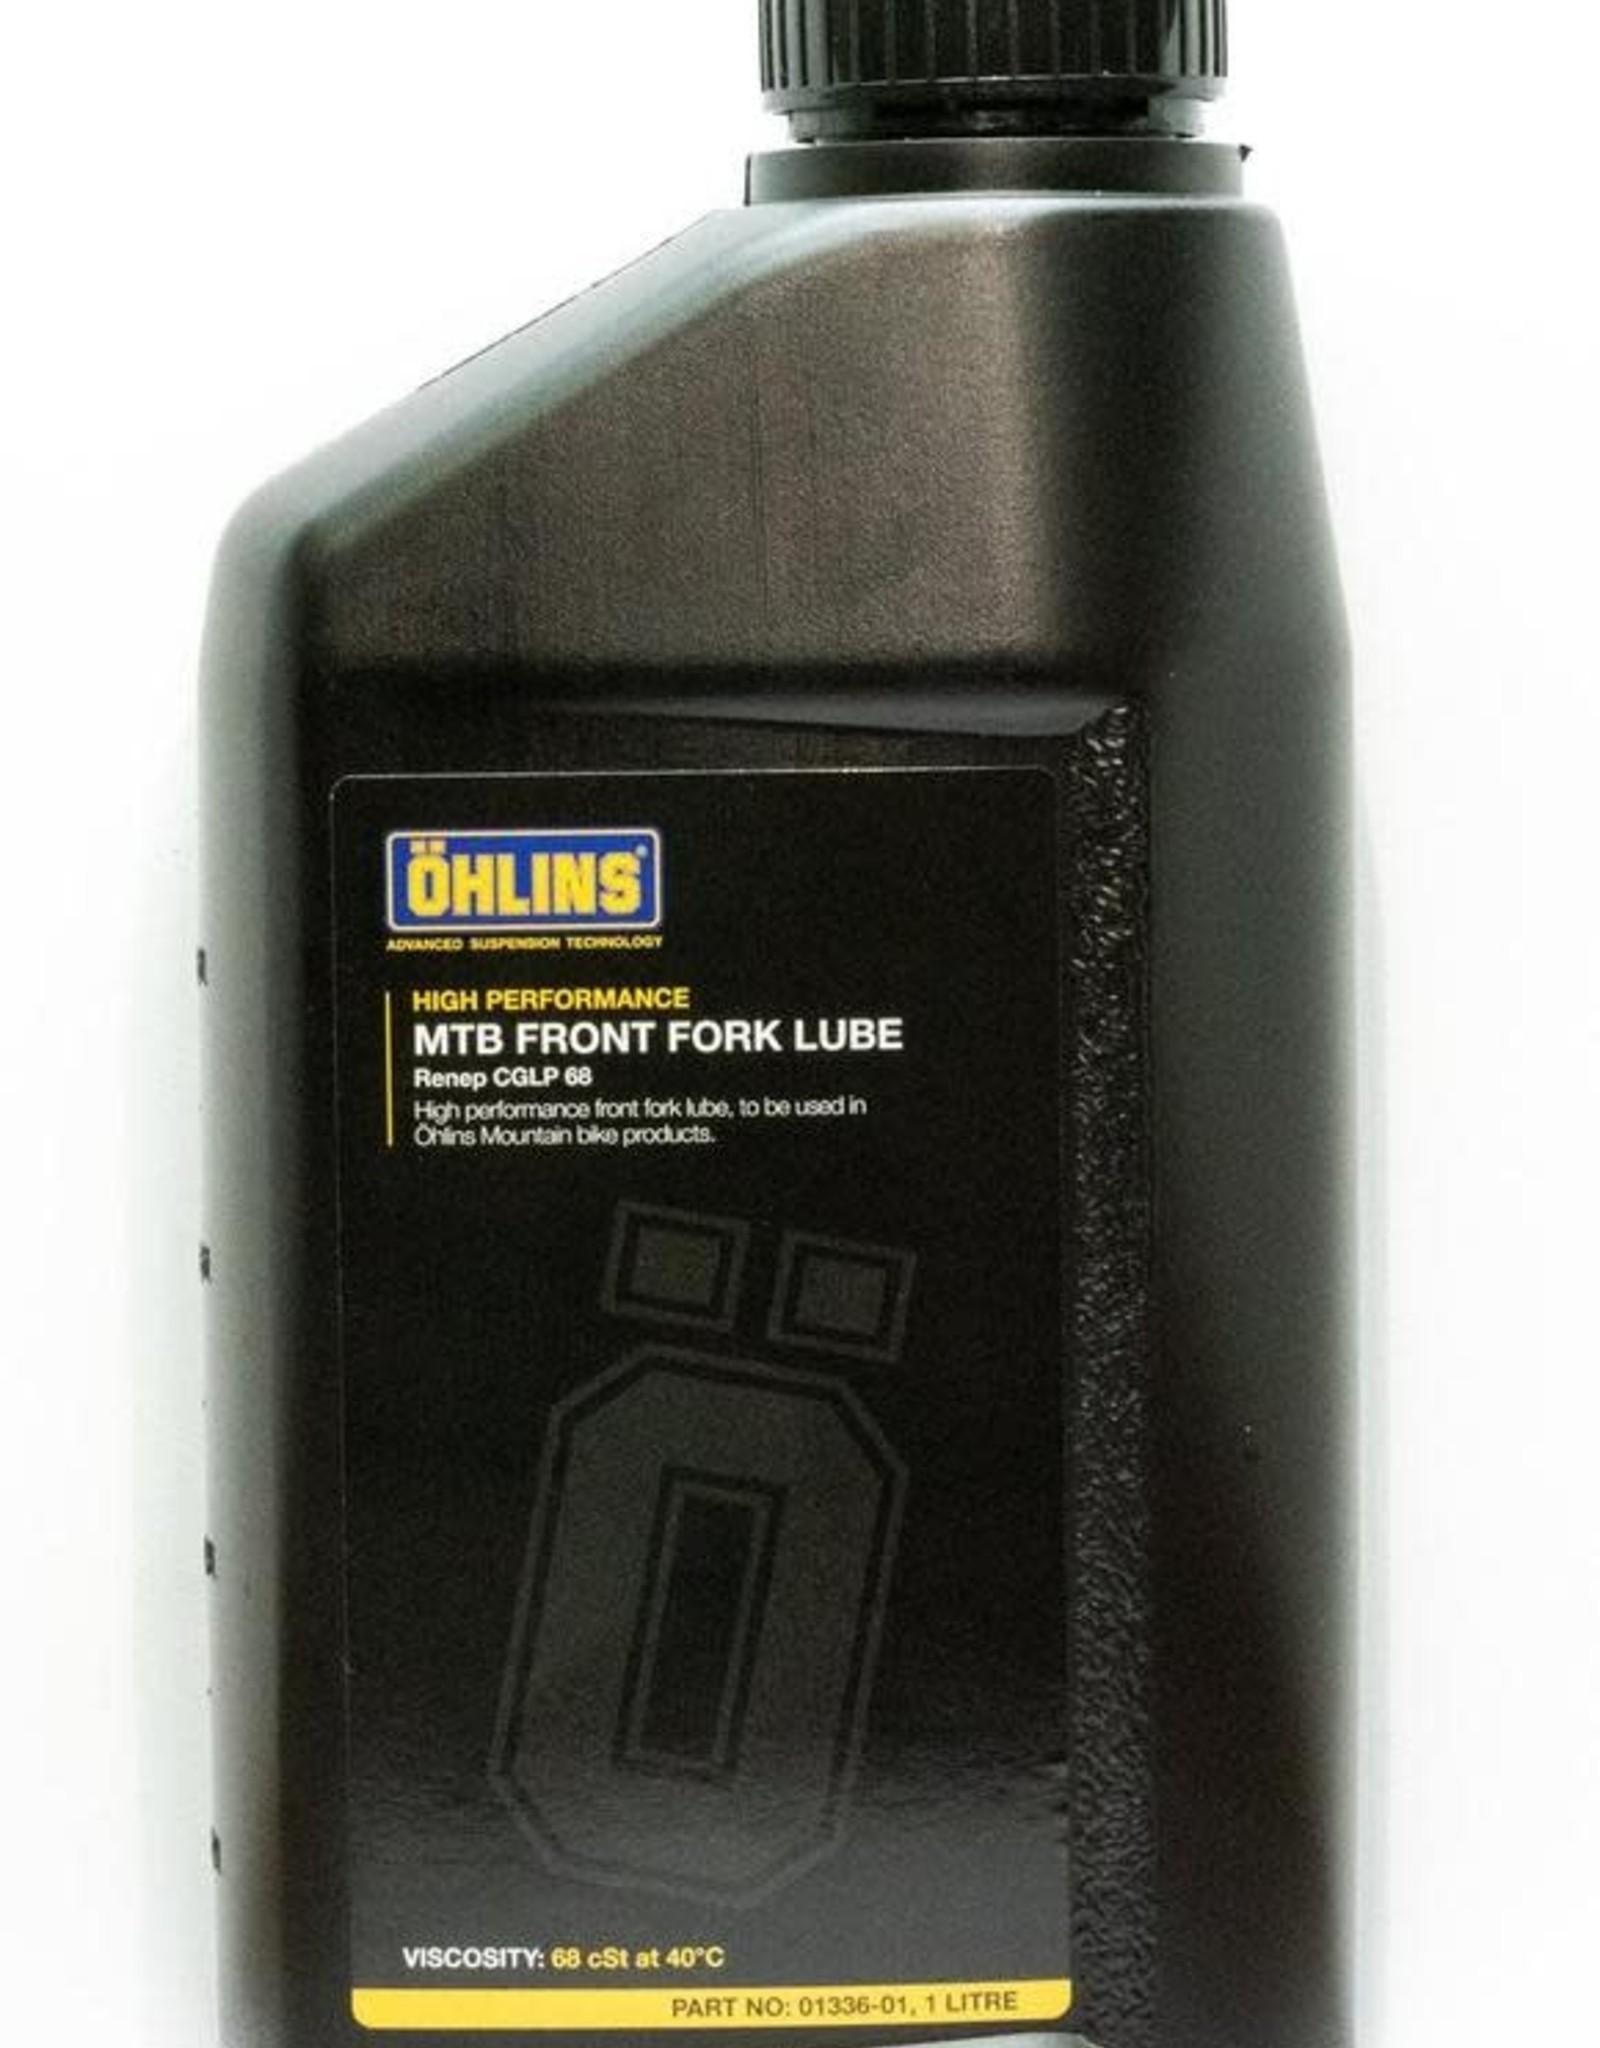 Ohlins RENEP CGLP 68 FORK LUBE 1LT